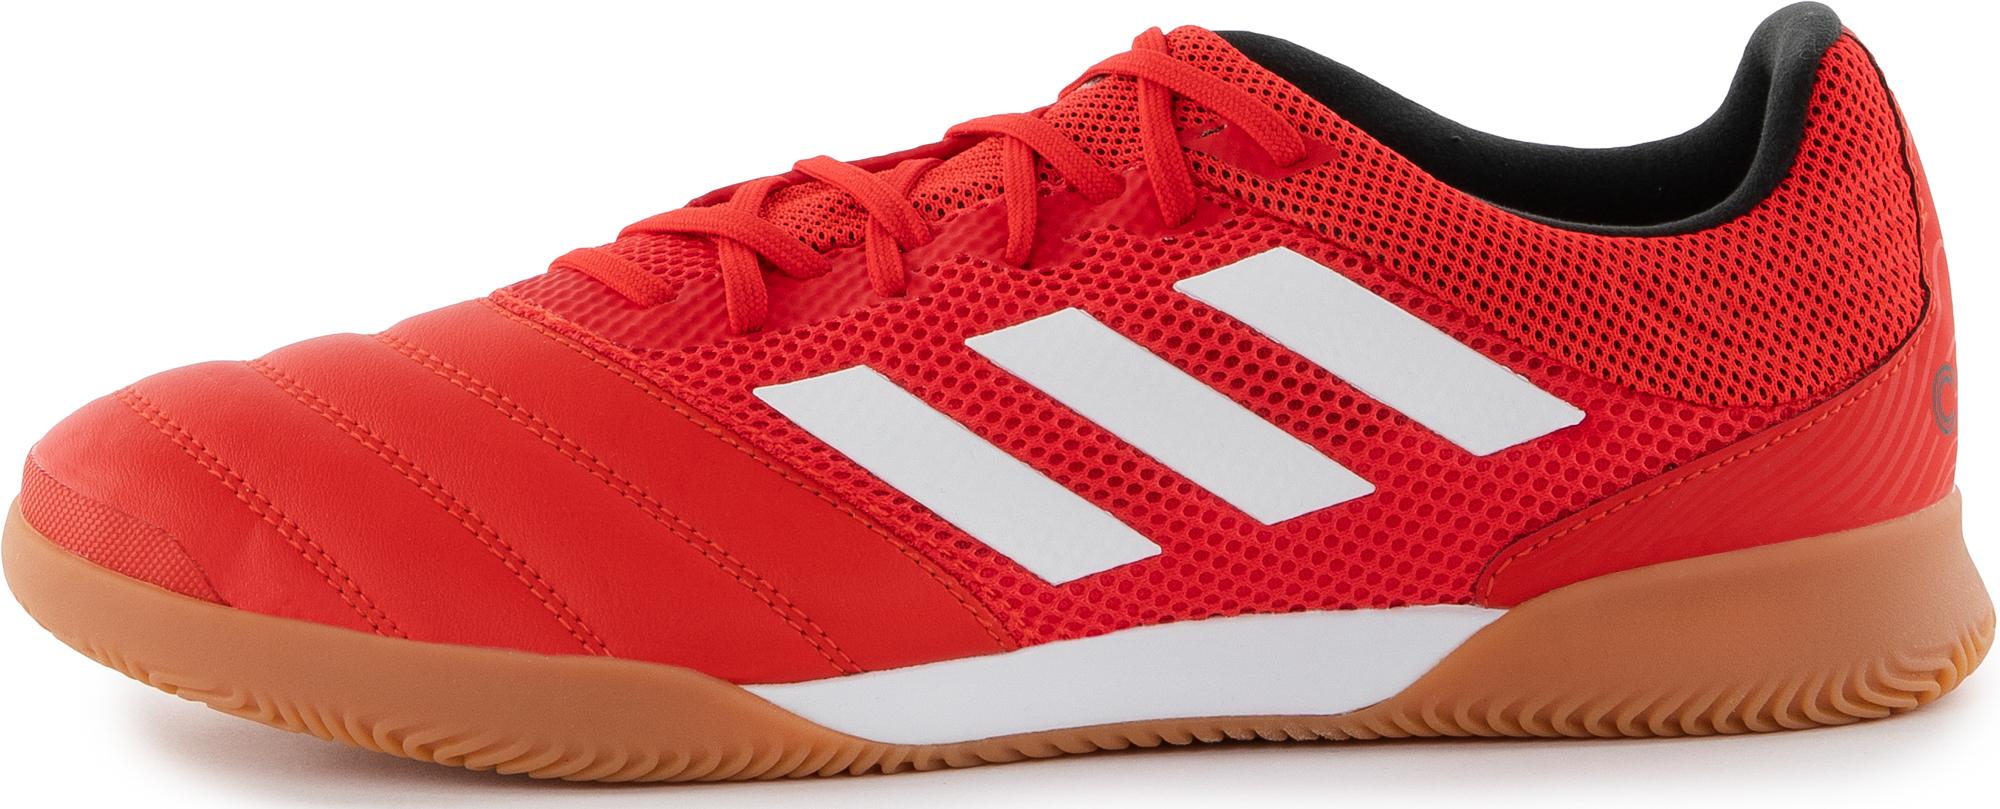 Adidas Бутсы мужские Copa 20.3 In Sala, размер 41